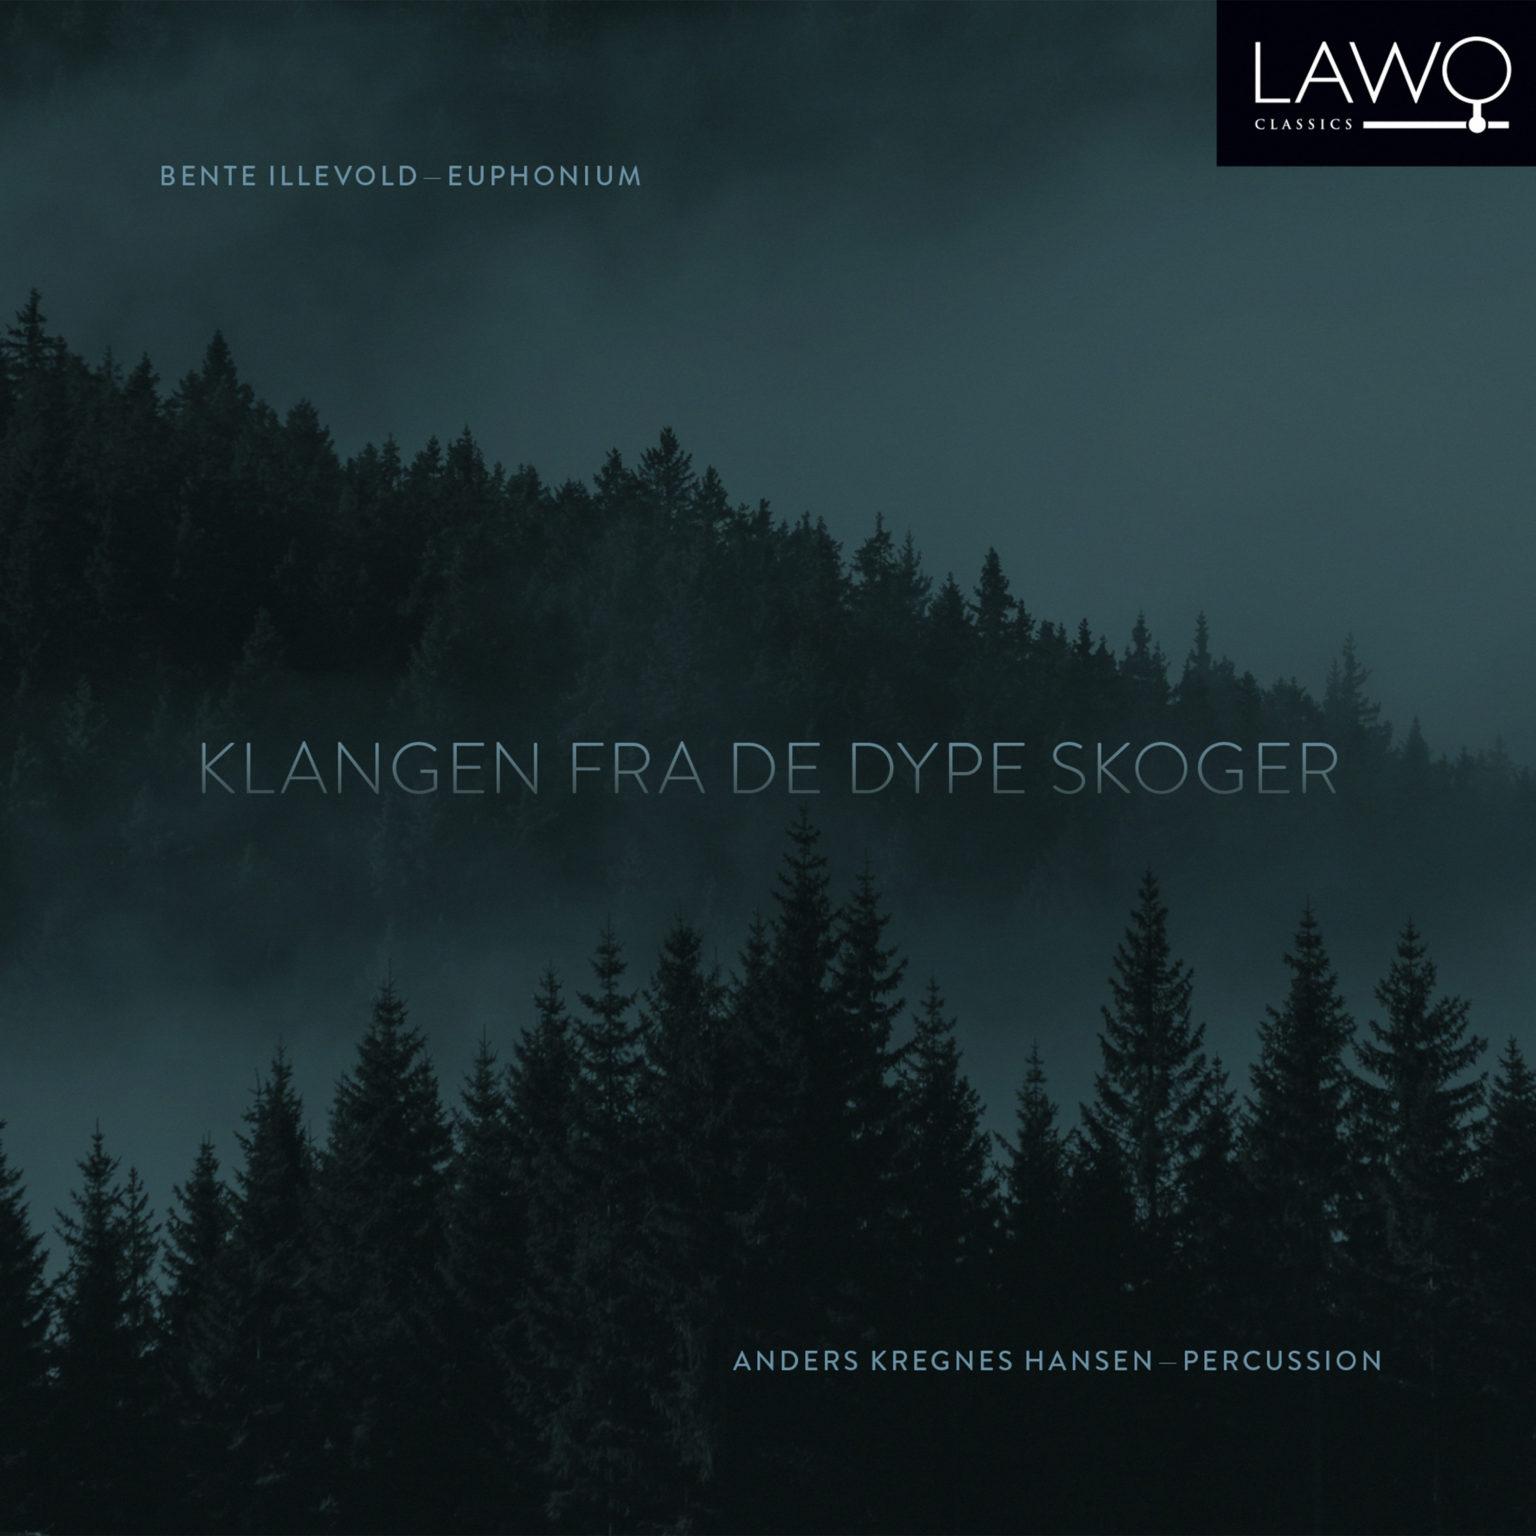 Click image for larger version.  Name:LWC1195_Bente_Illevold_Klangen_fra_de_dype_skoger_cover_3000x3000px-1536x1536.jpg Views:454 Size:174.8 KB ID:7720